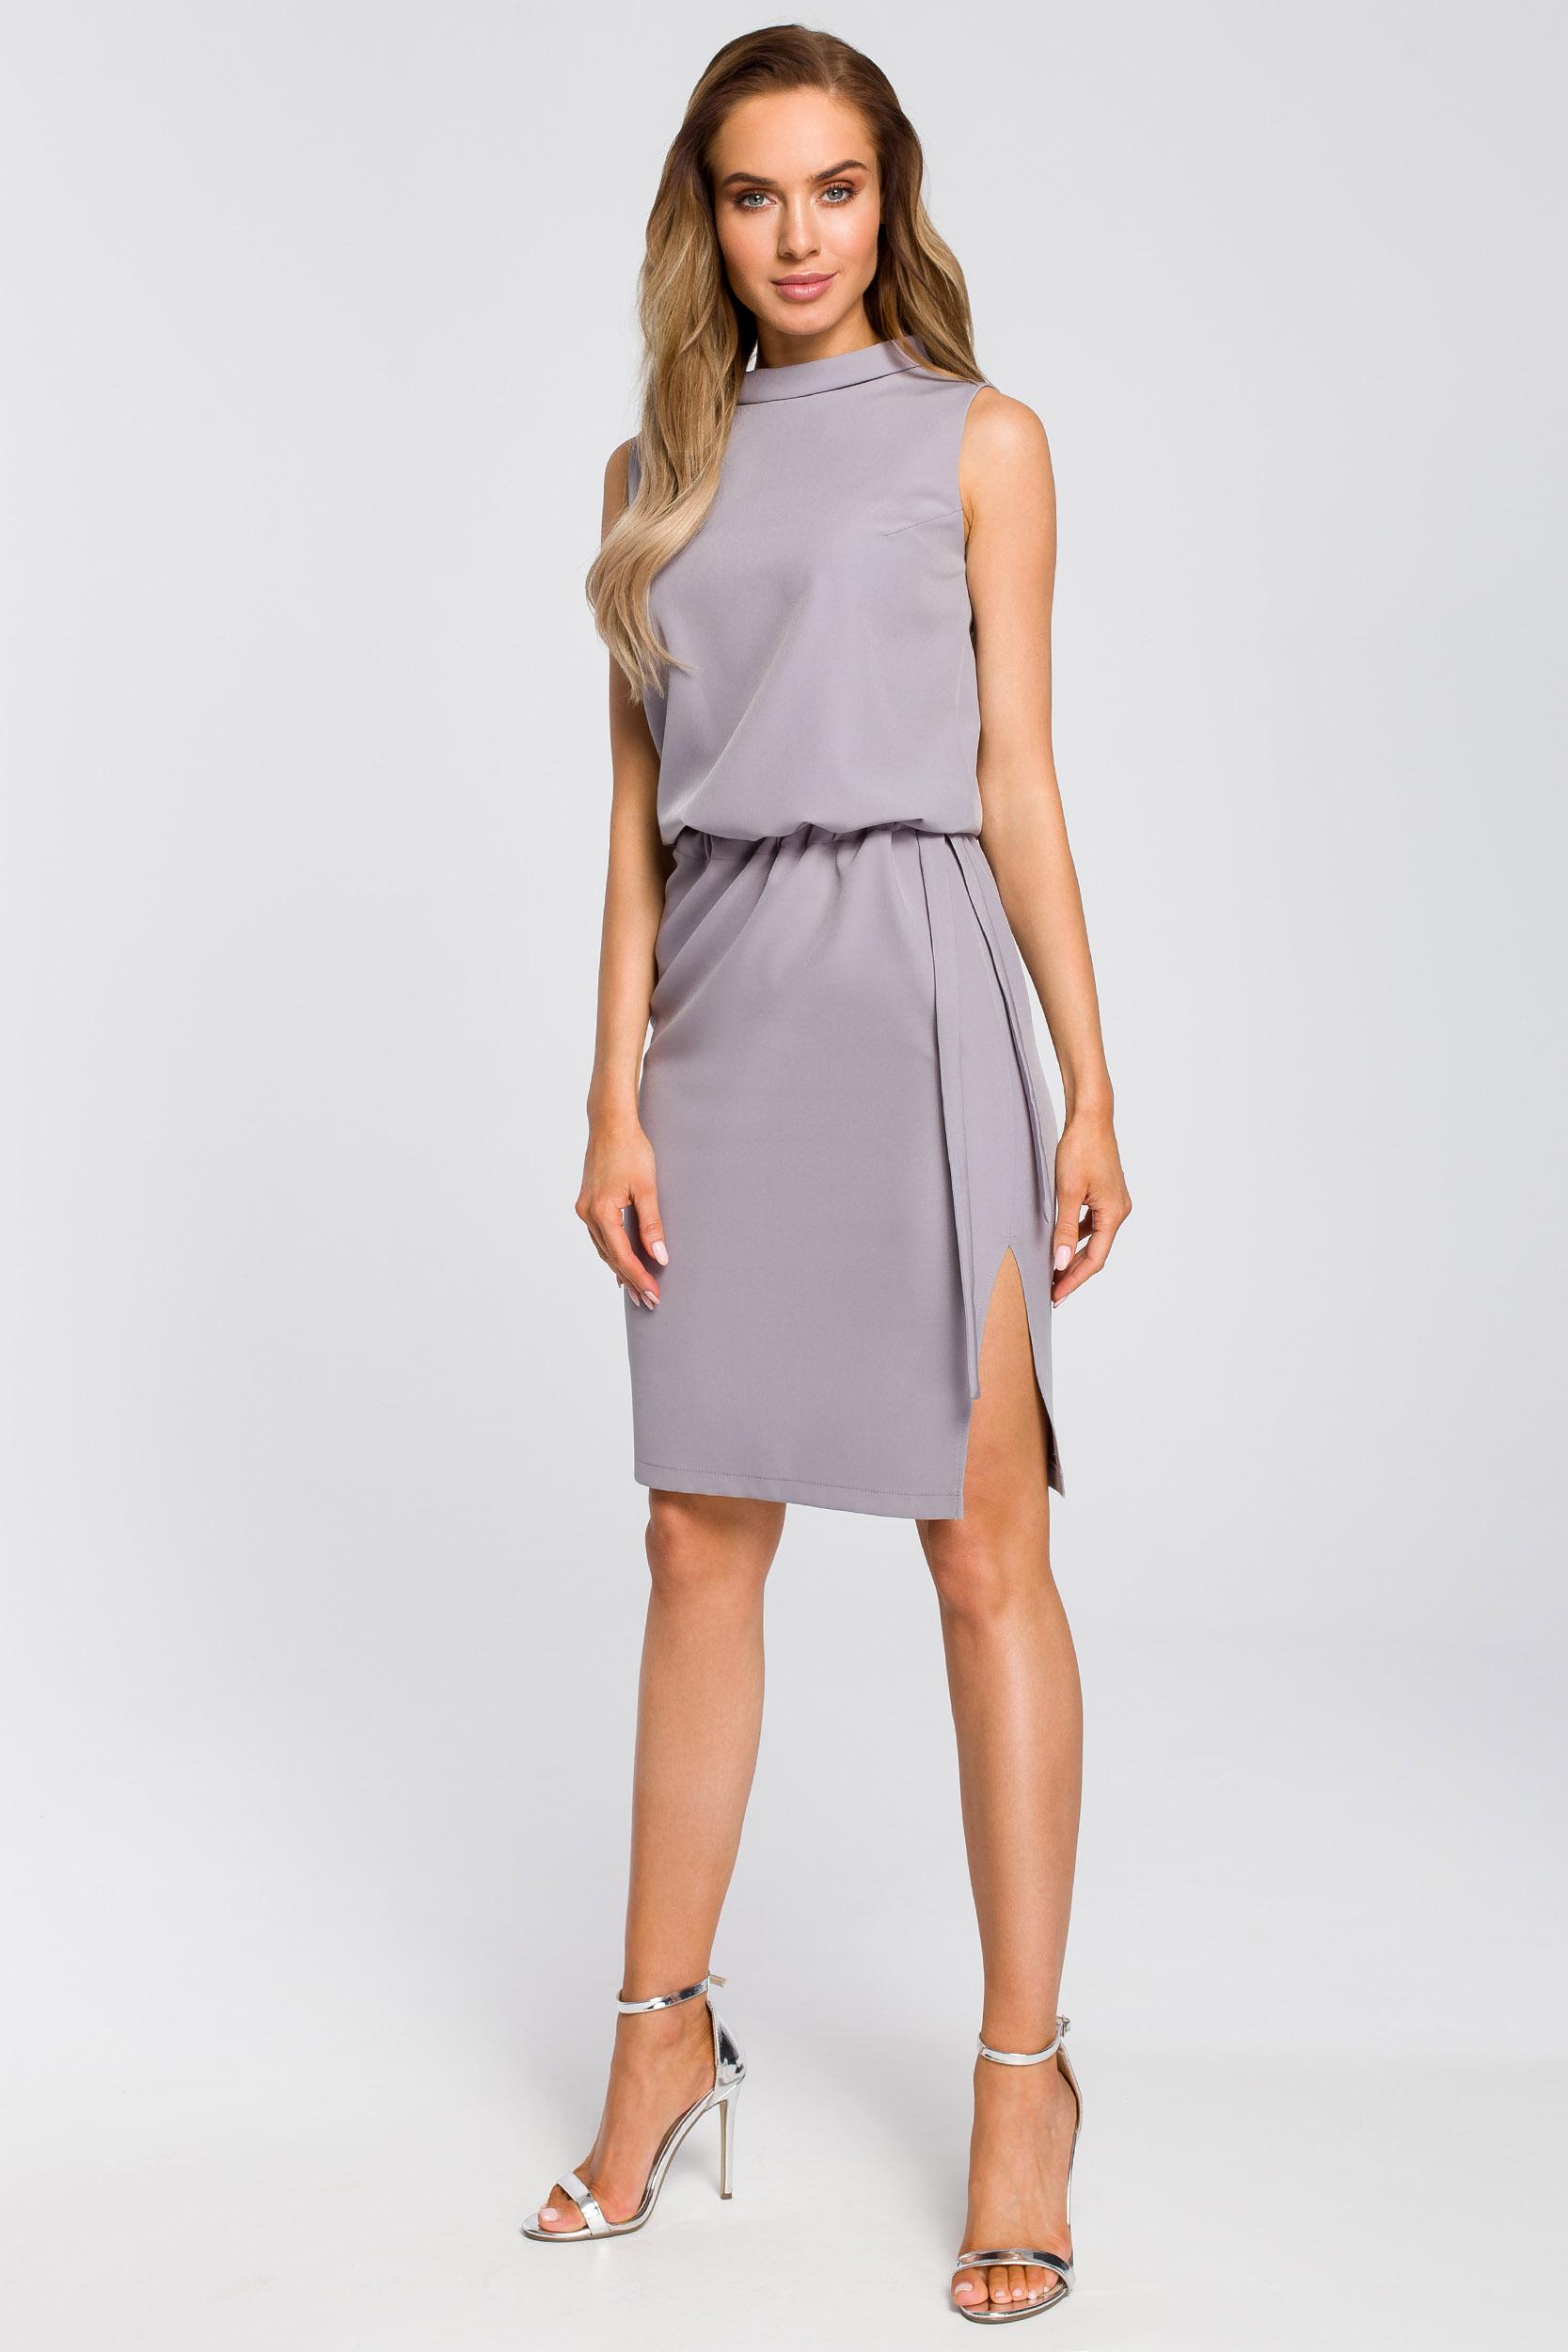 CM4104 Elegancka sukienka z rozcięciem na plecach - szara